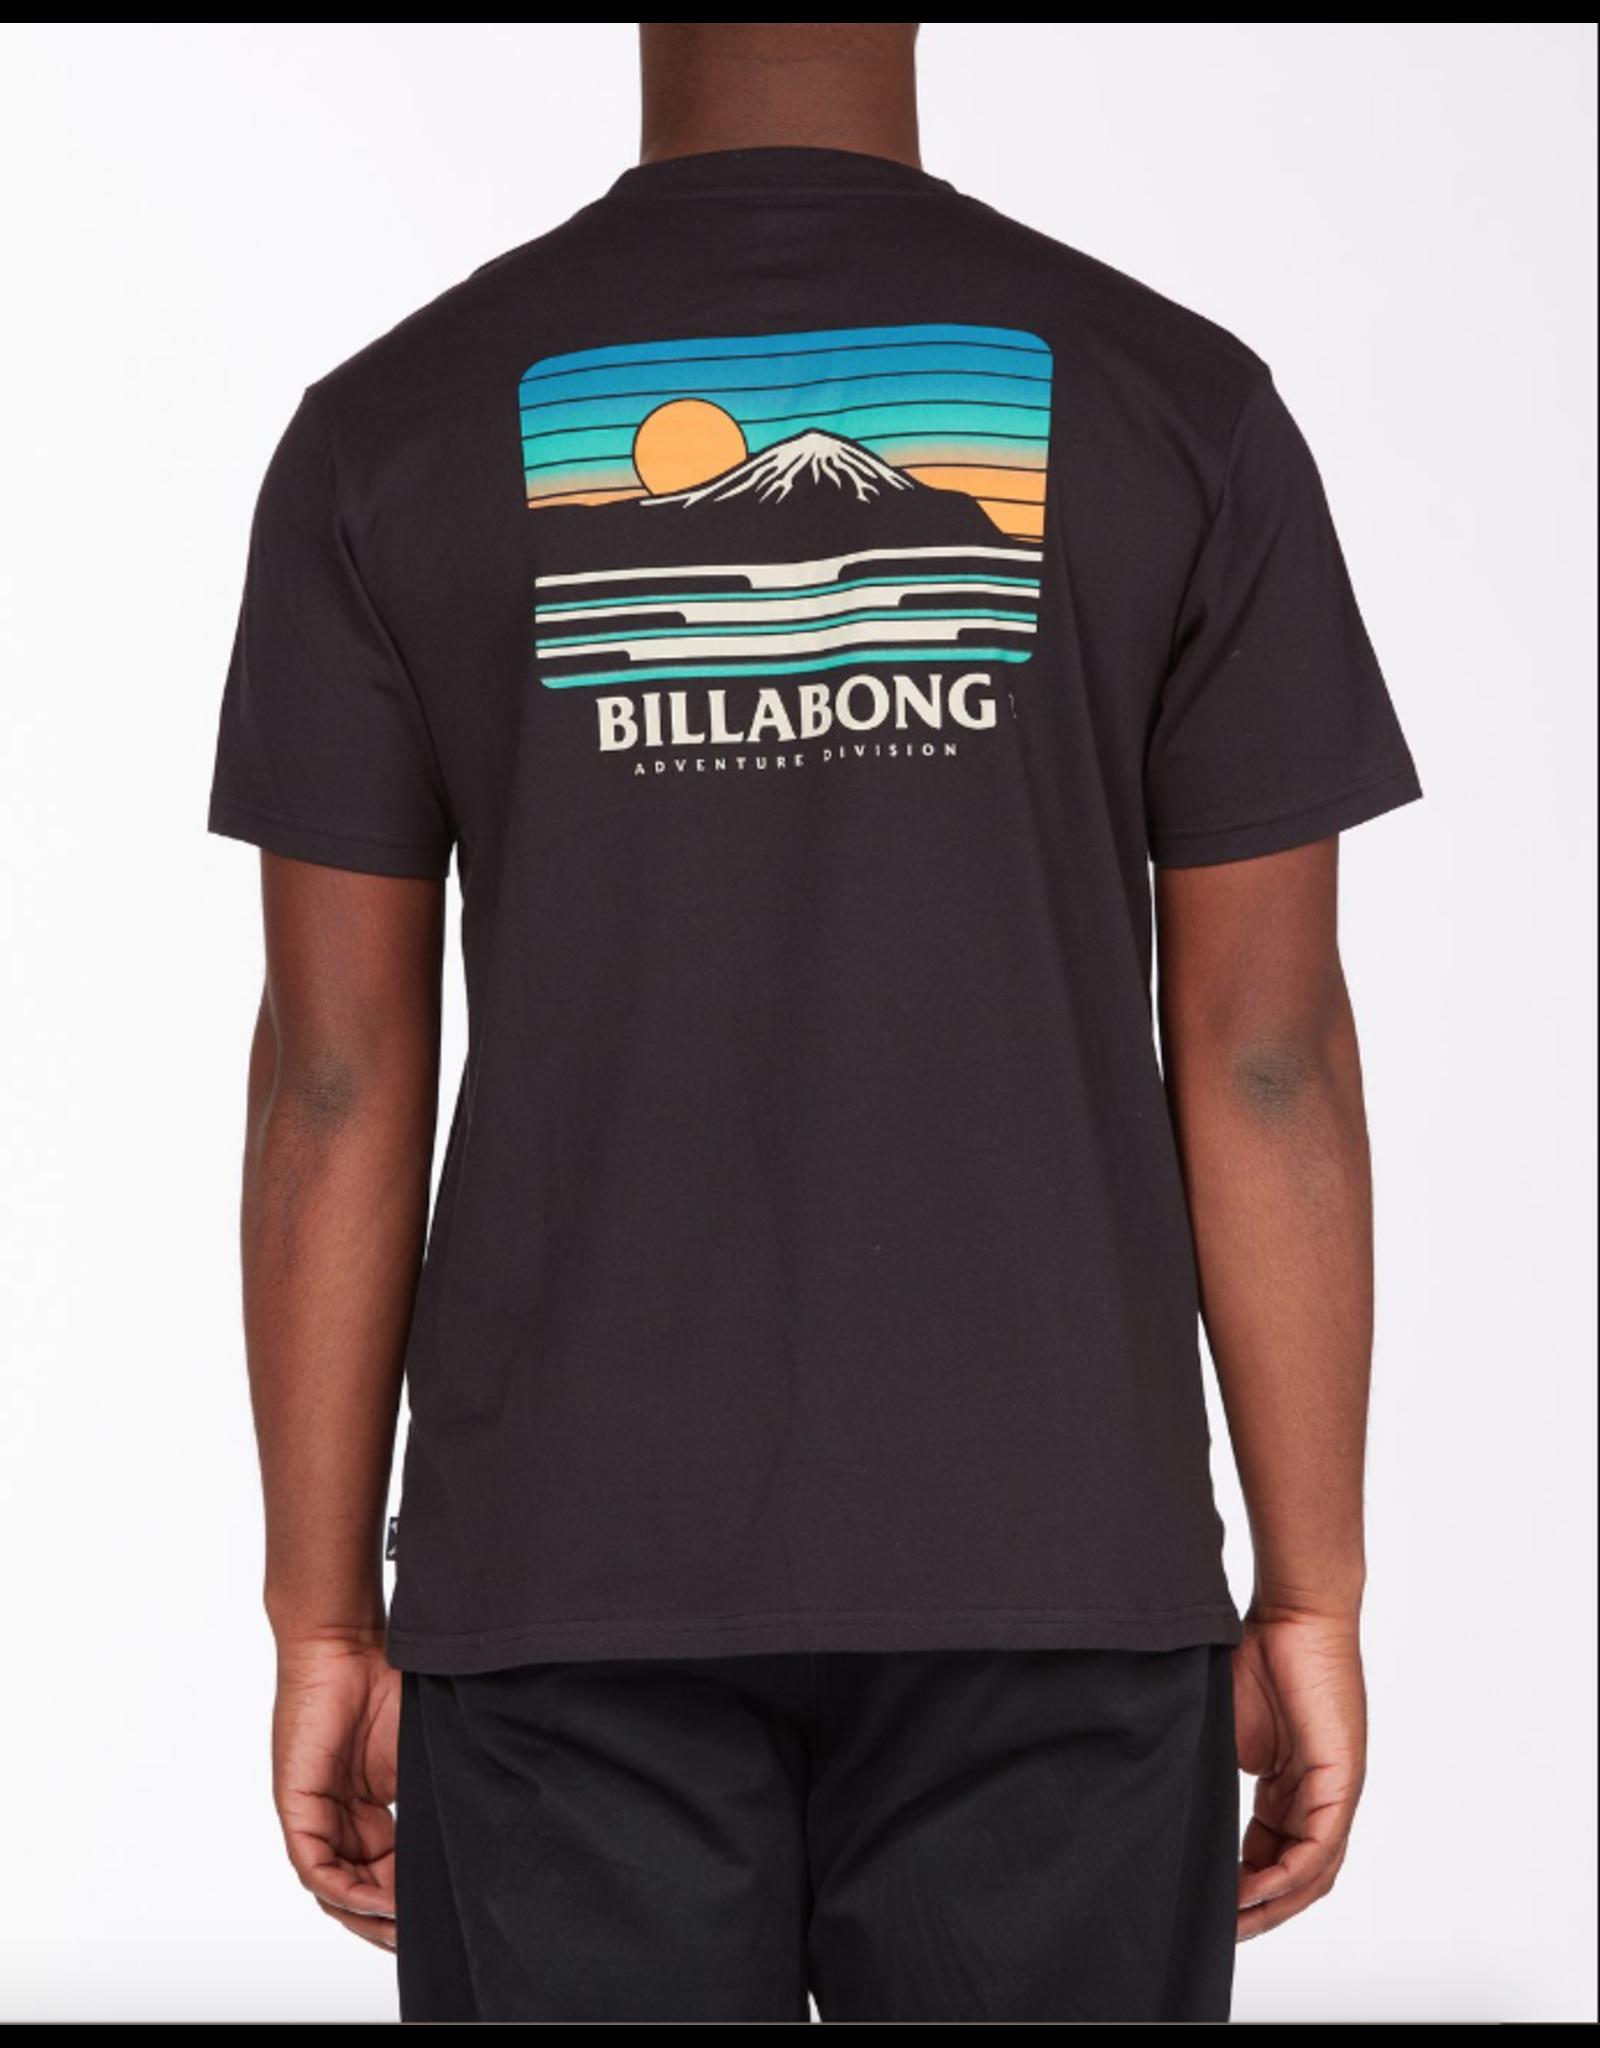 BILLABONG A/Div Lines Short Sleeve T-Shirt